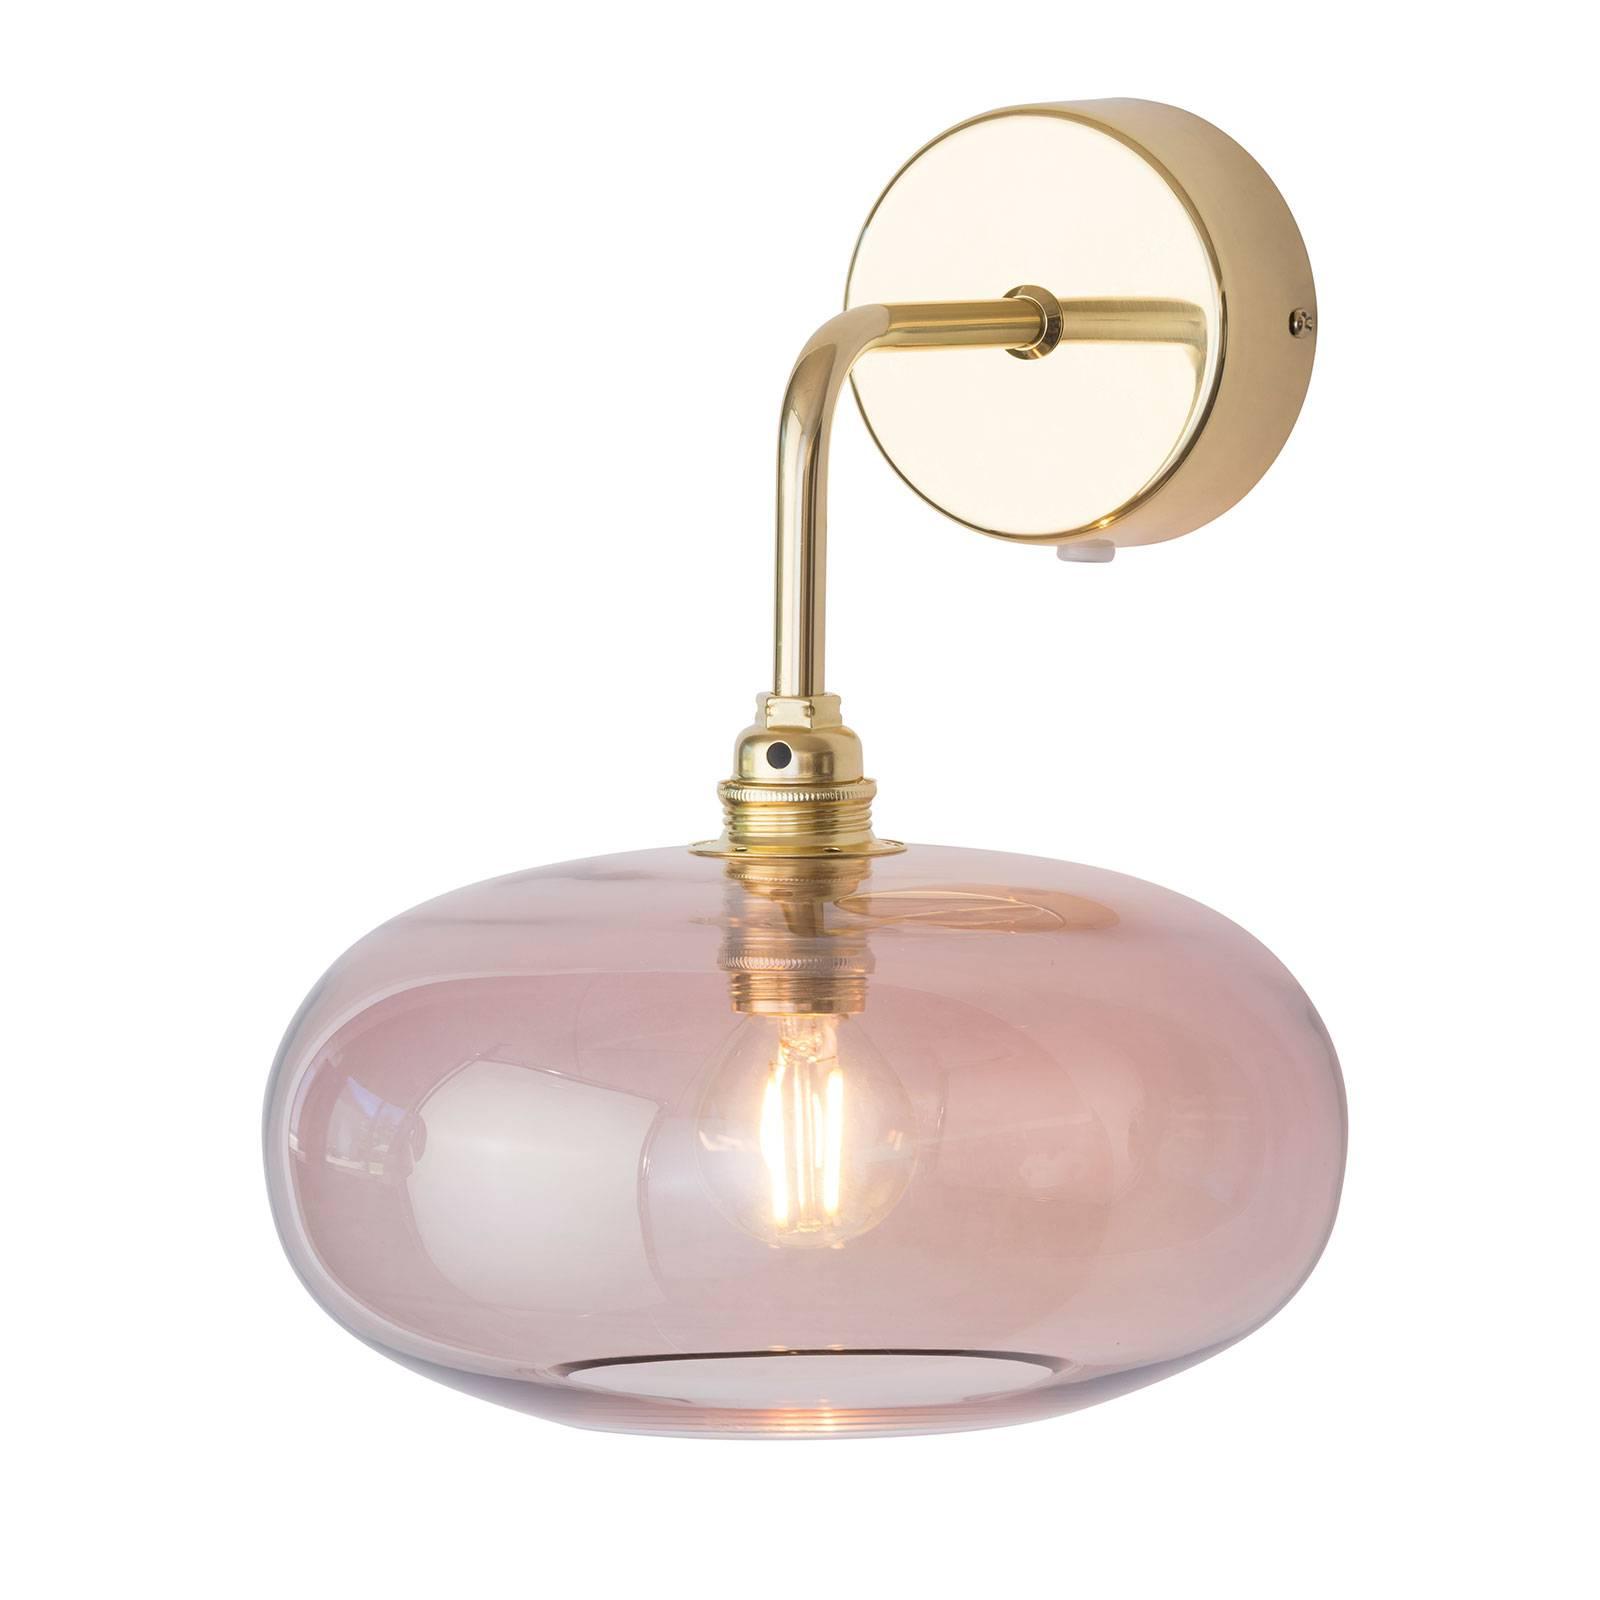 EBB & FLOW Horizon a braccio oro/rosa Ø 21 cm